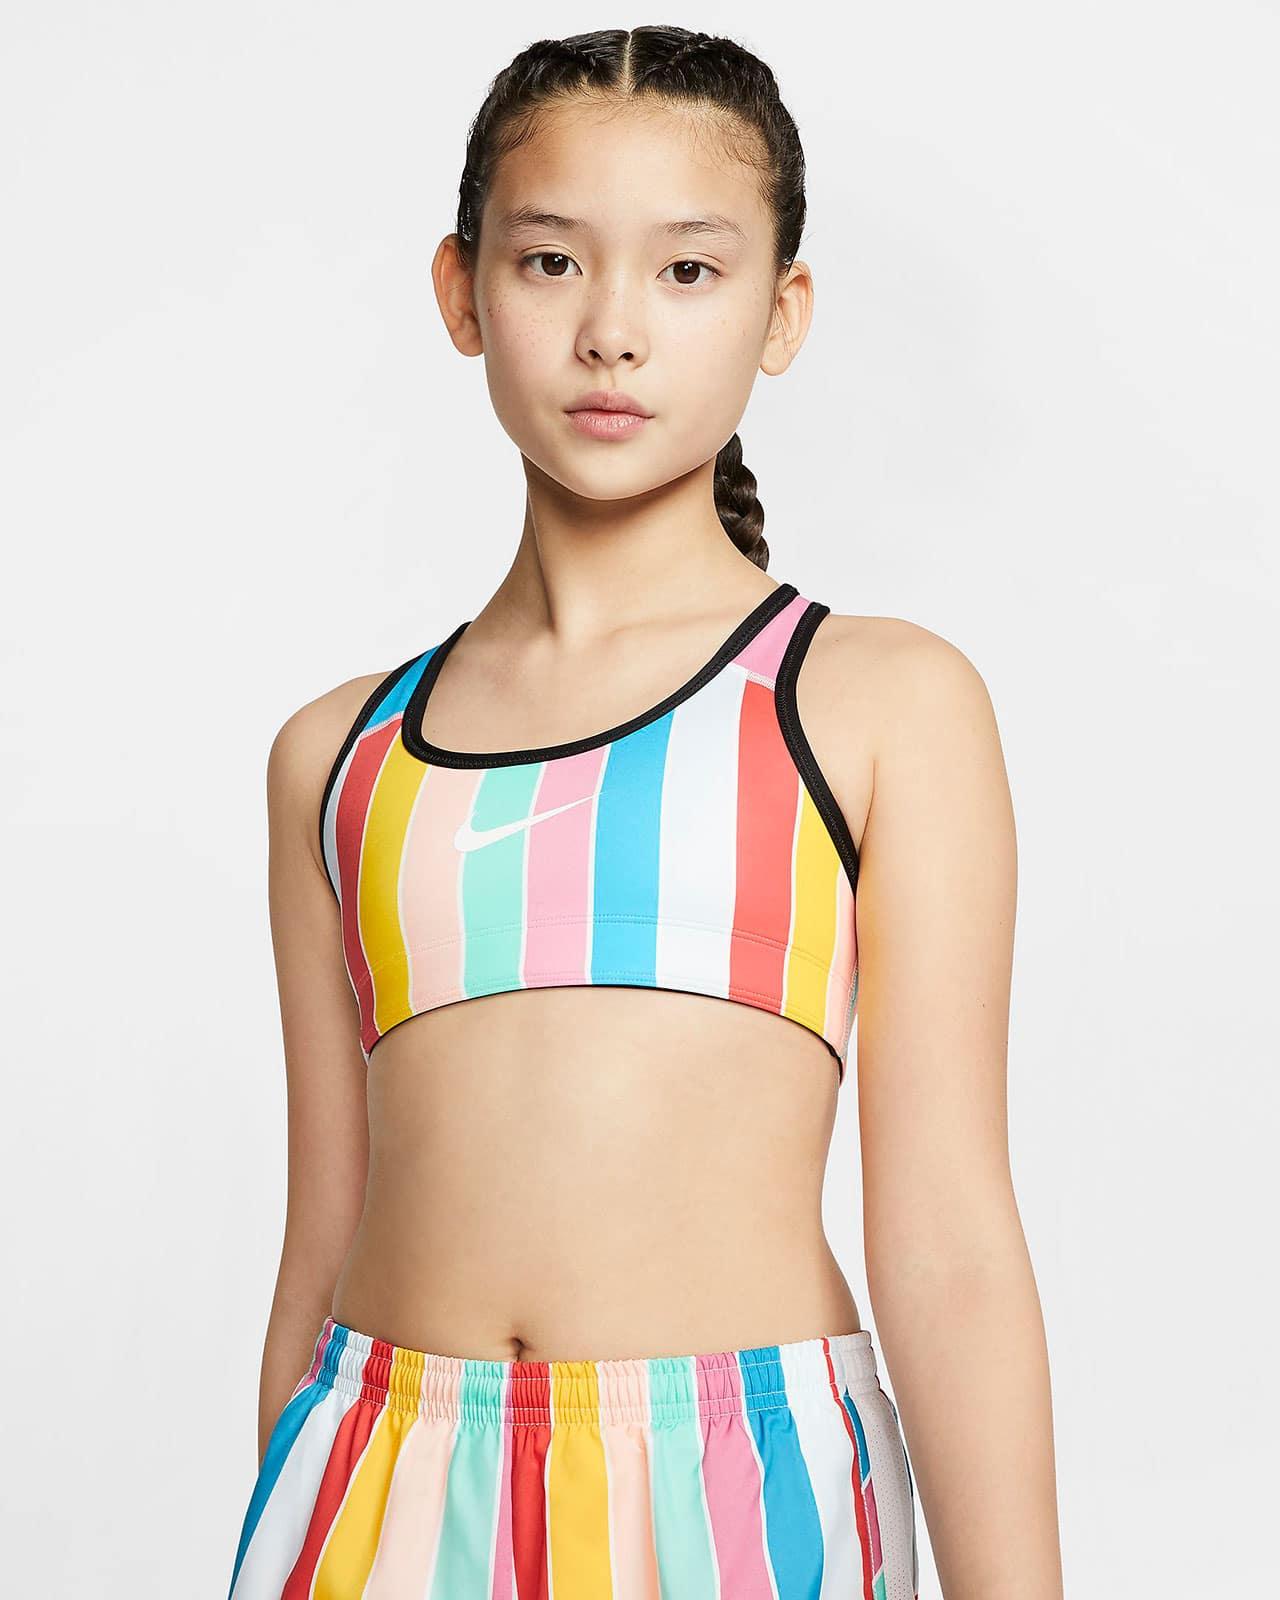 Ярки топ Nike для девочек